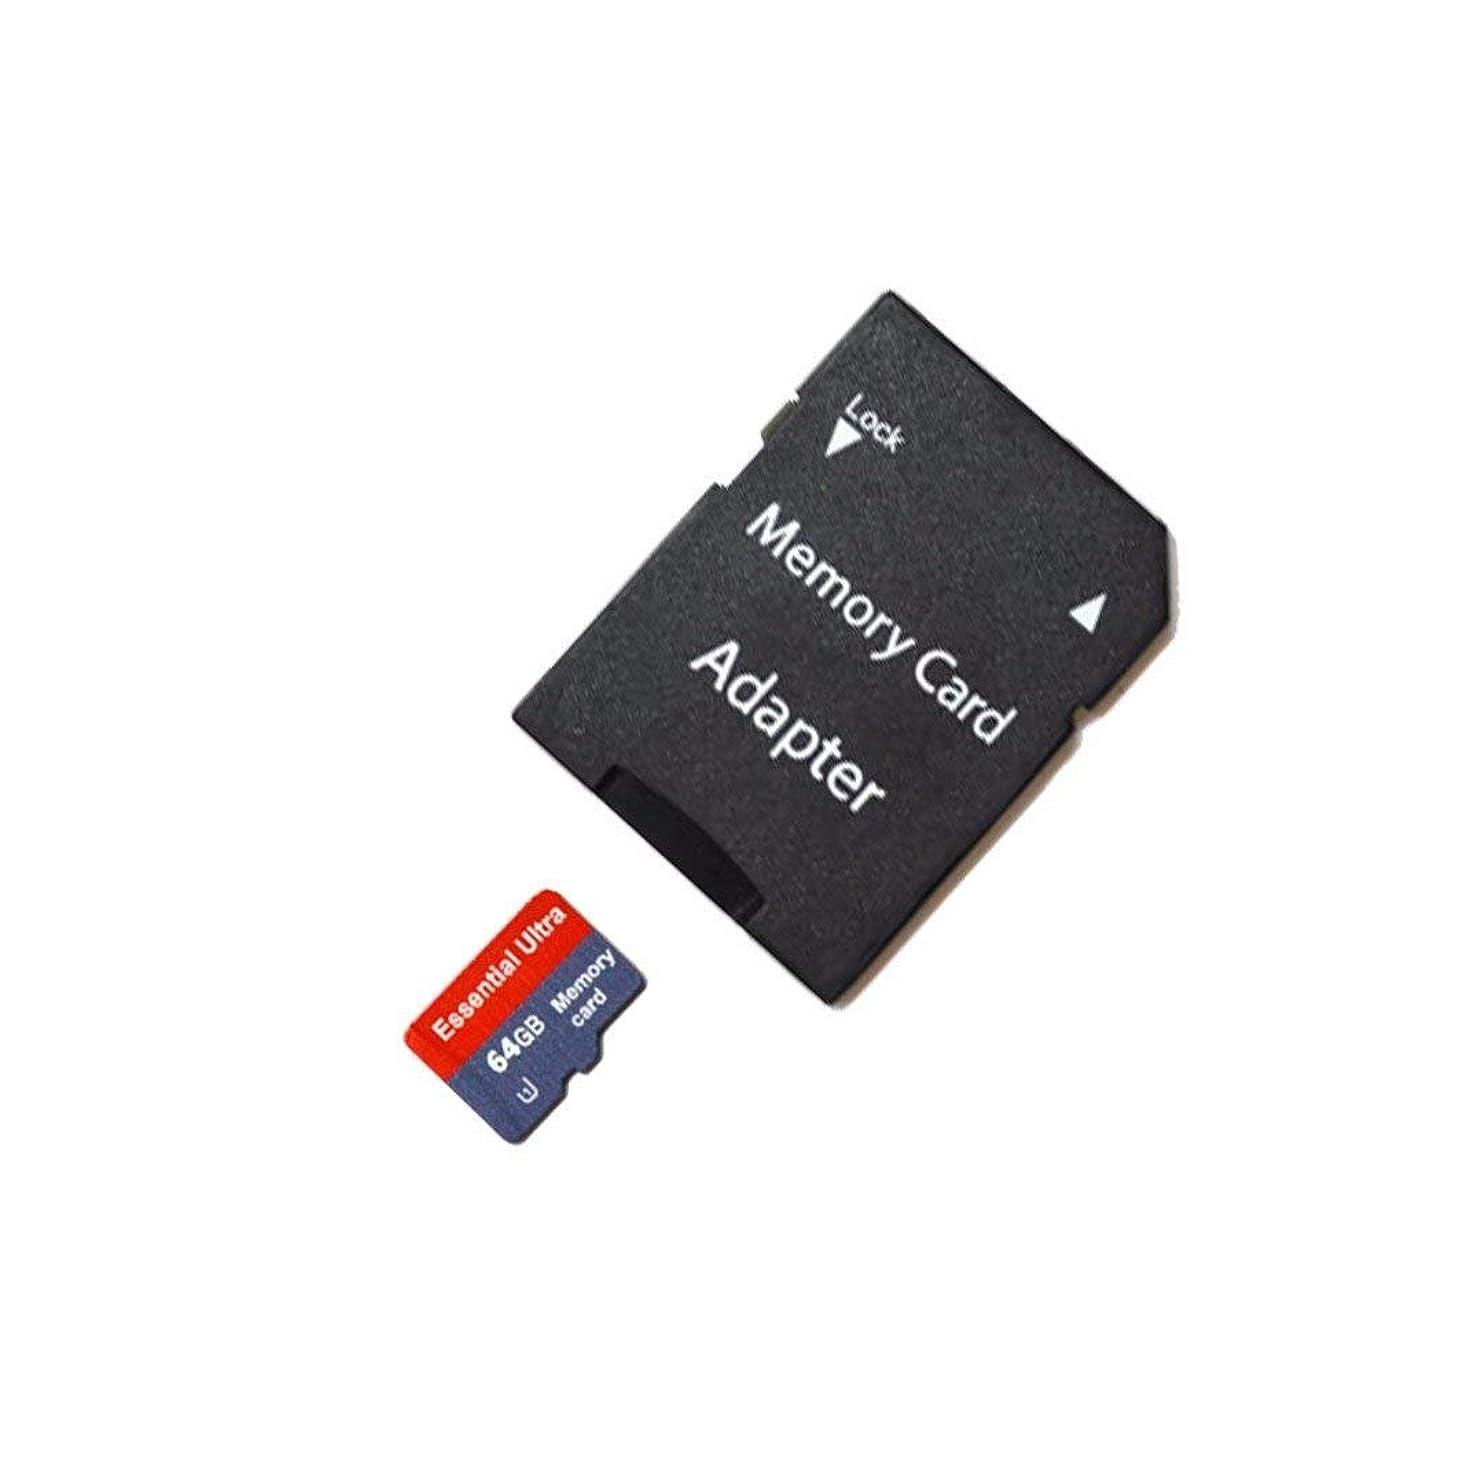 帳面半球球状Essential Ultra 64GB Samsung Galaxy J7 Prime 2 MicroSDXCカード カスタムフォーマット付き 高速ロスレス認証 SDアダプター付き。 (クラス10、最大500xまたは70MB/秒)。